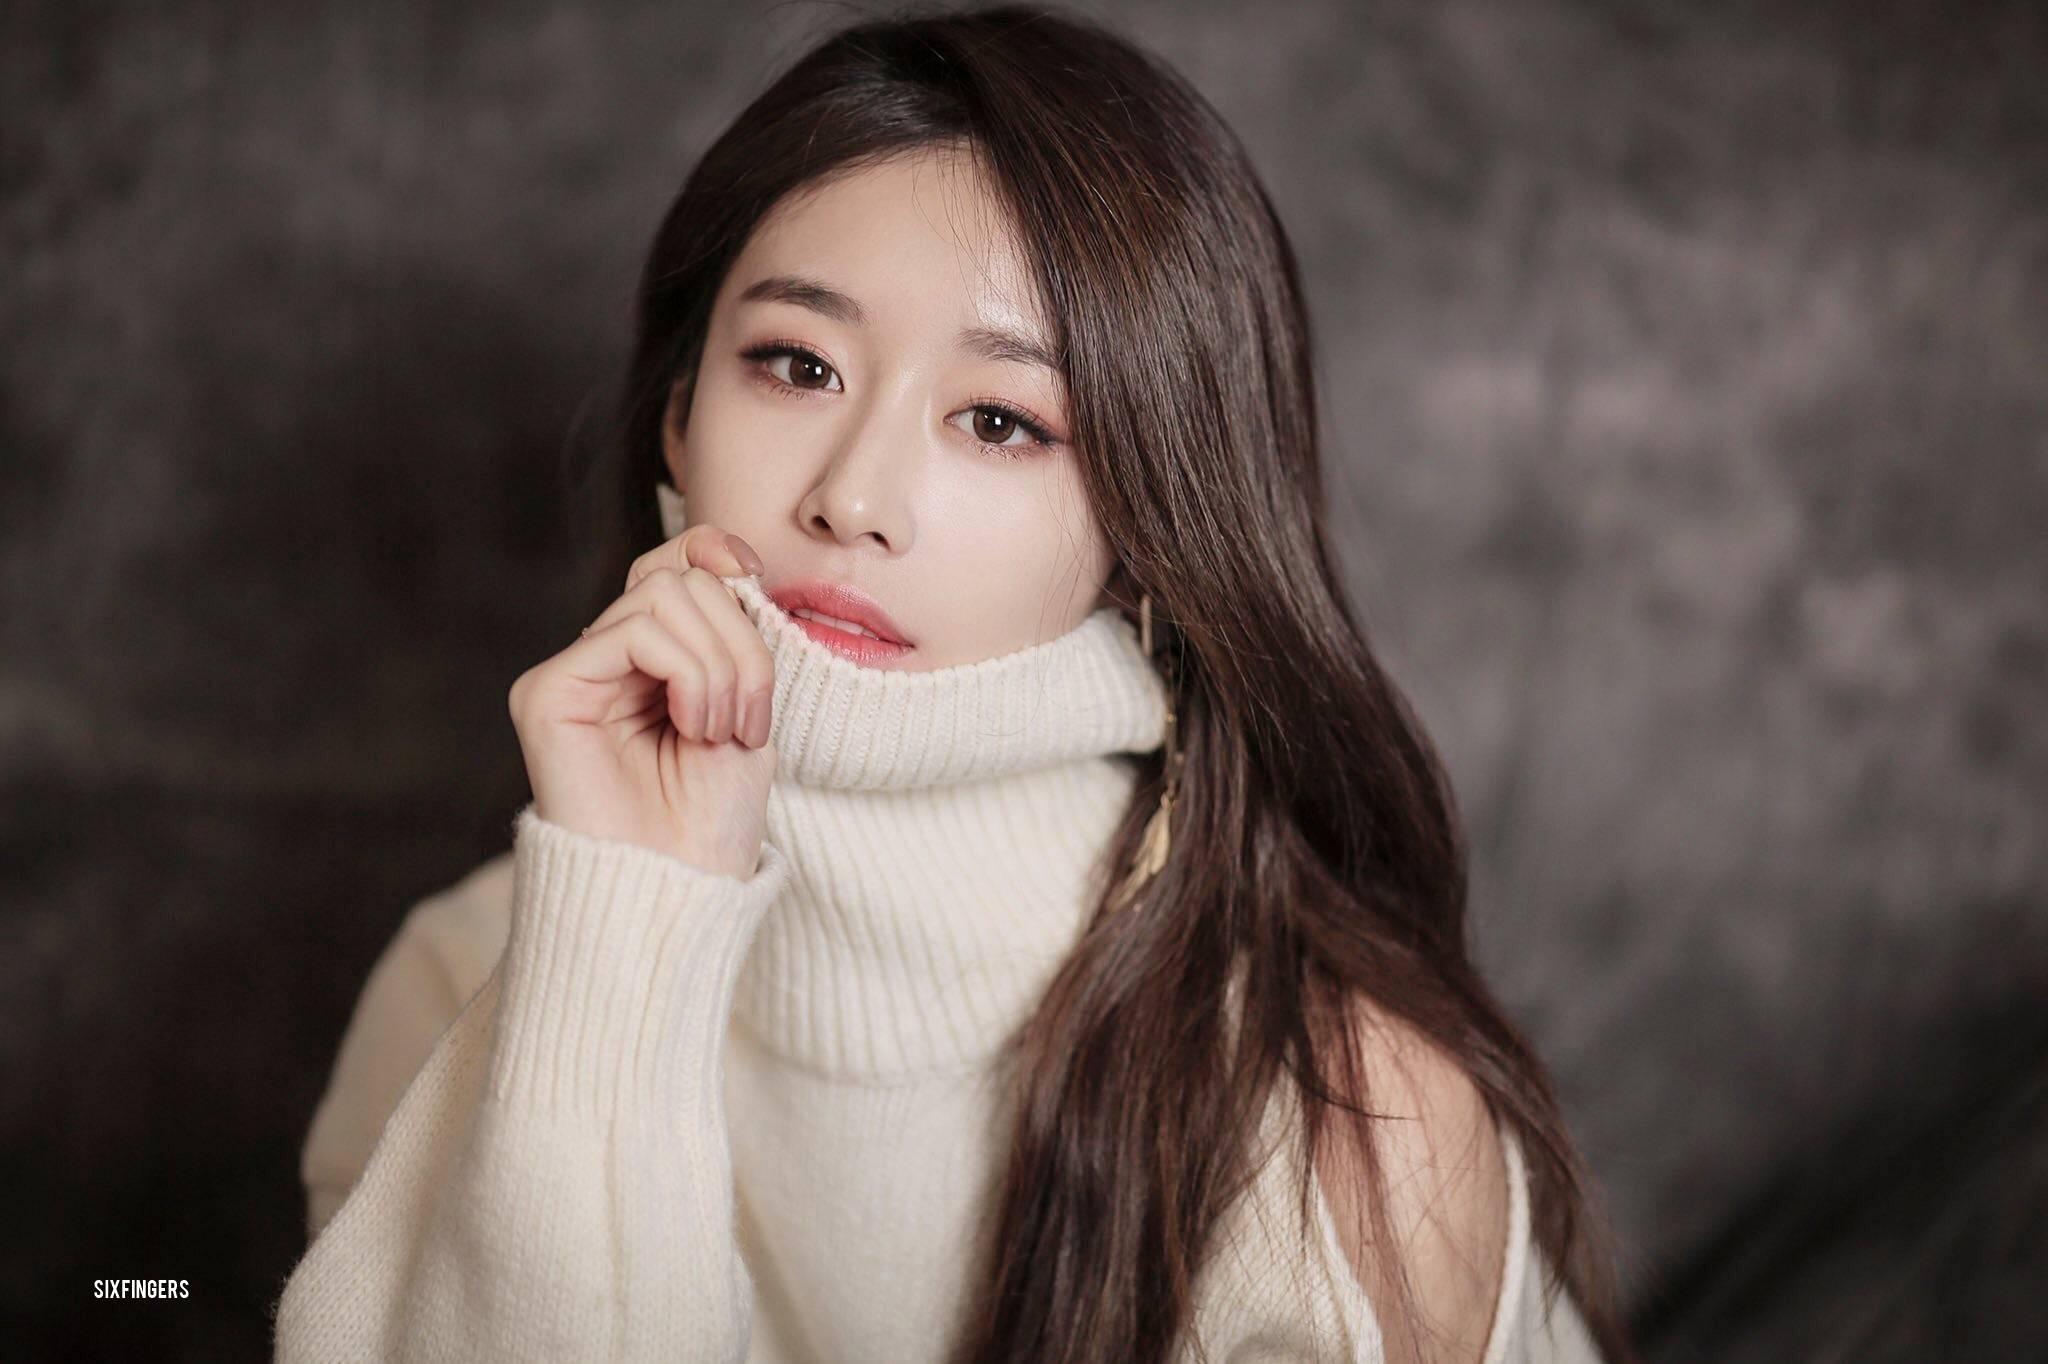 朴智妍方否认恋情 通过电视剧认识的亲密的同事关系